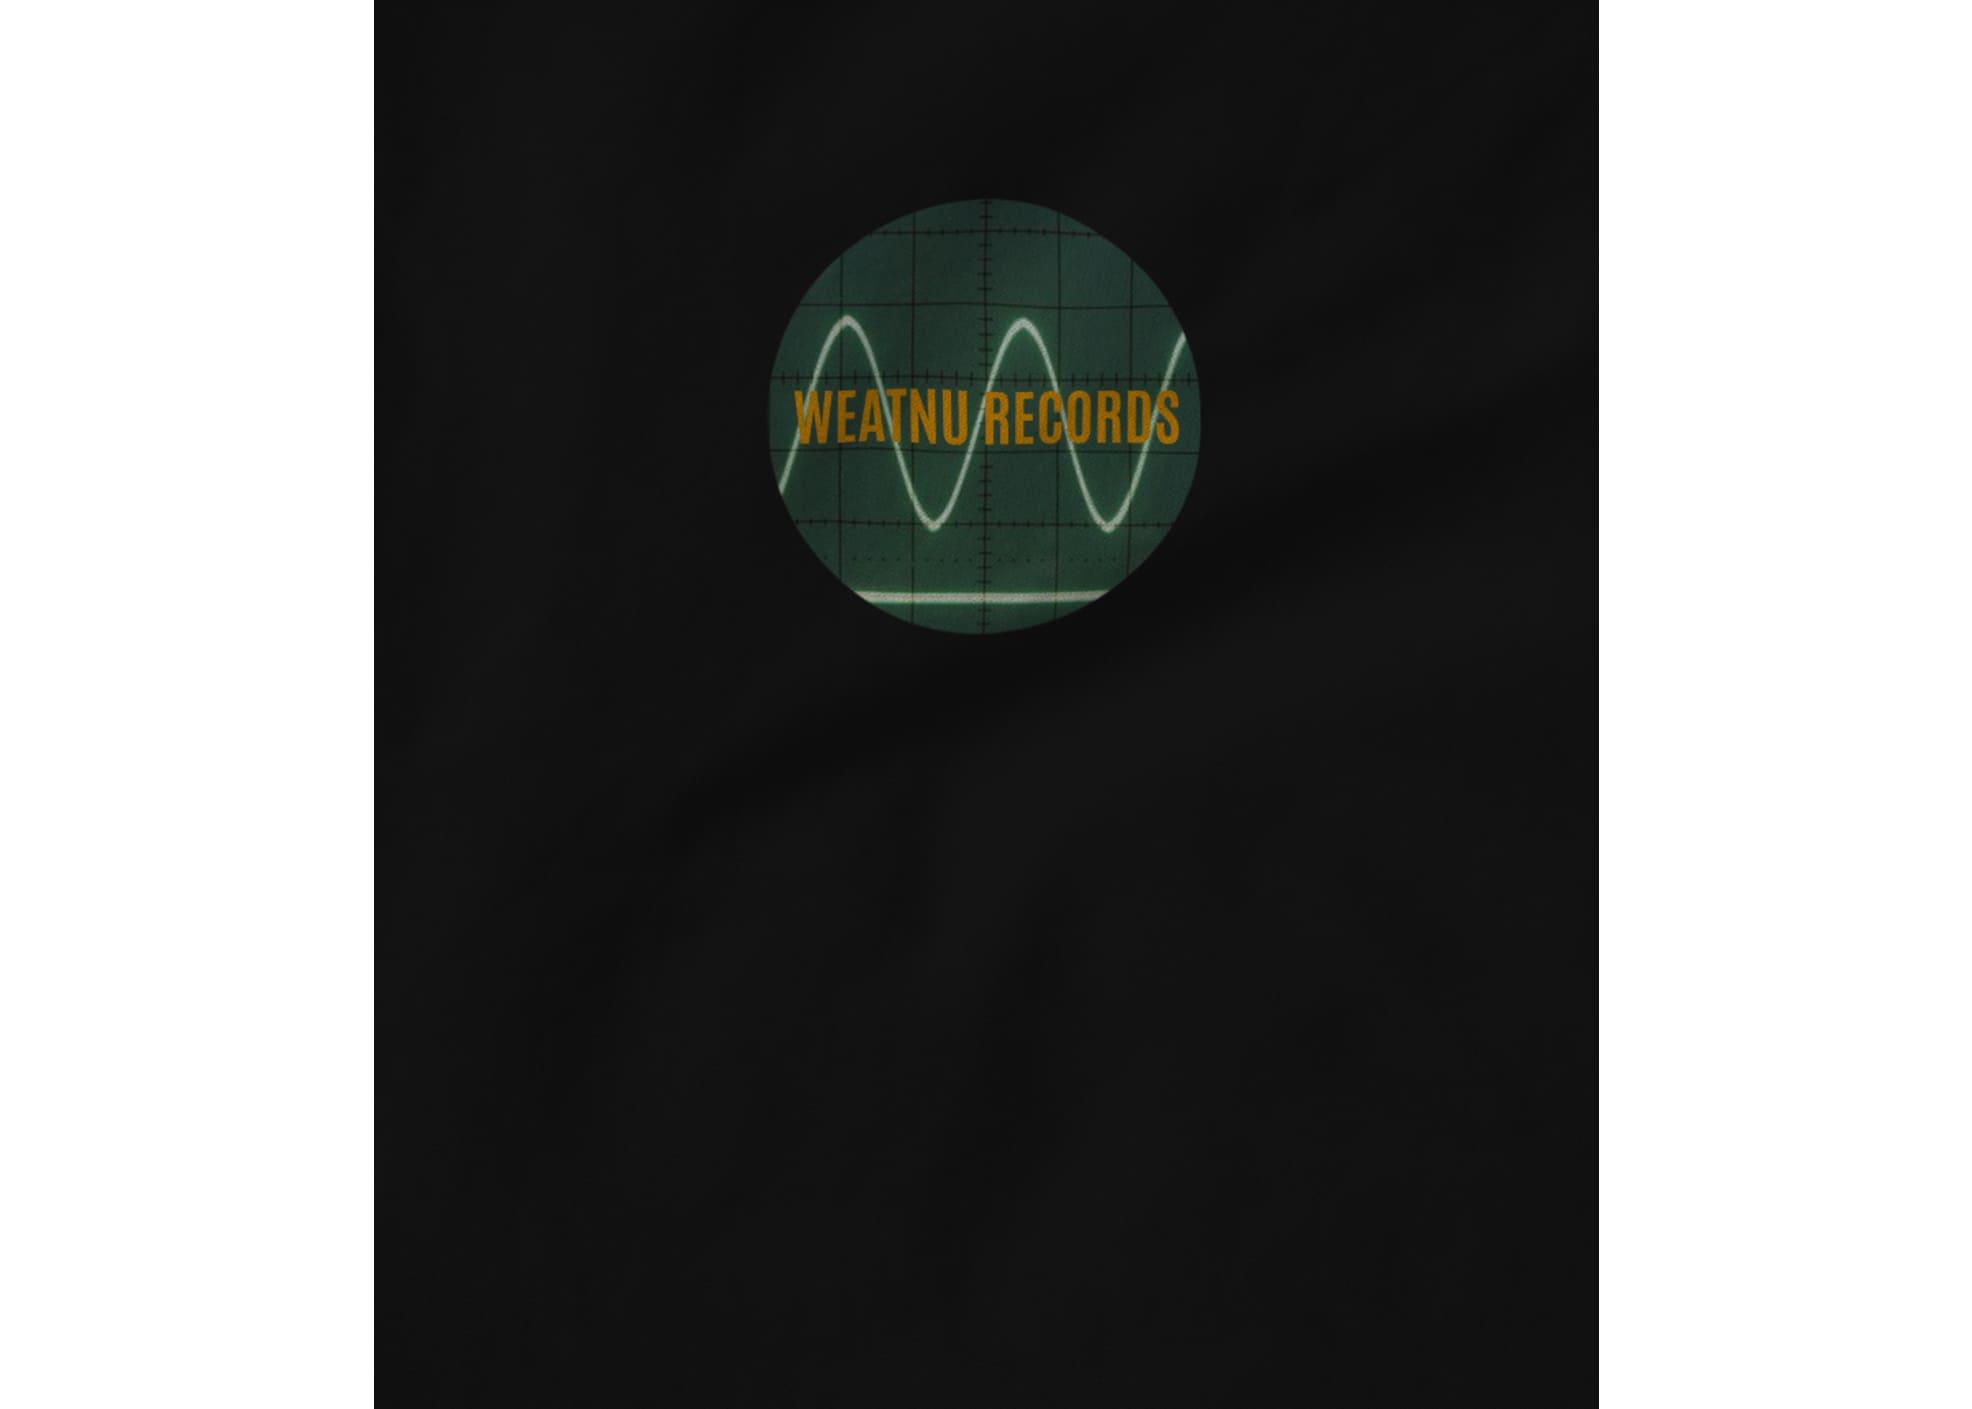 Weatnu records weatnu records  logo scope  1533232693